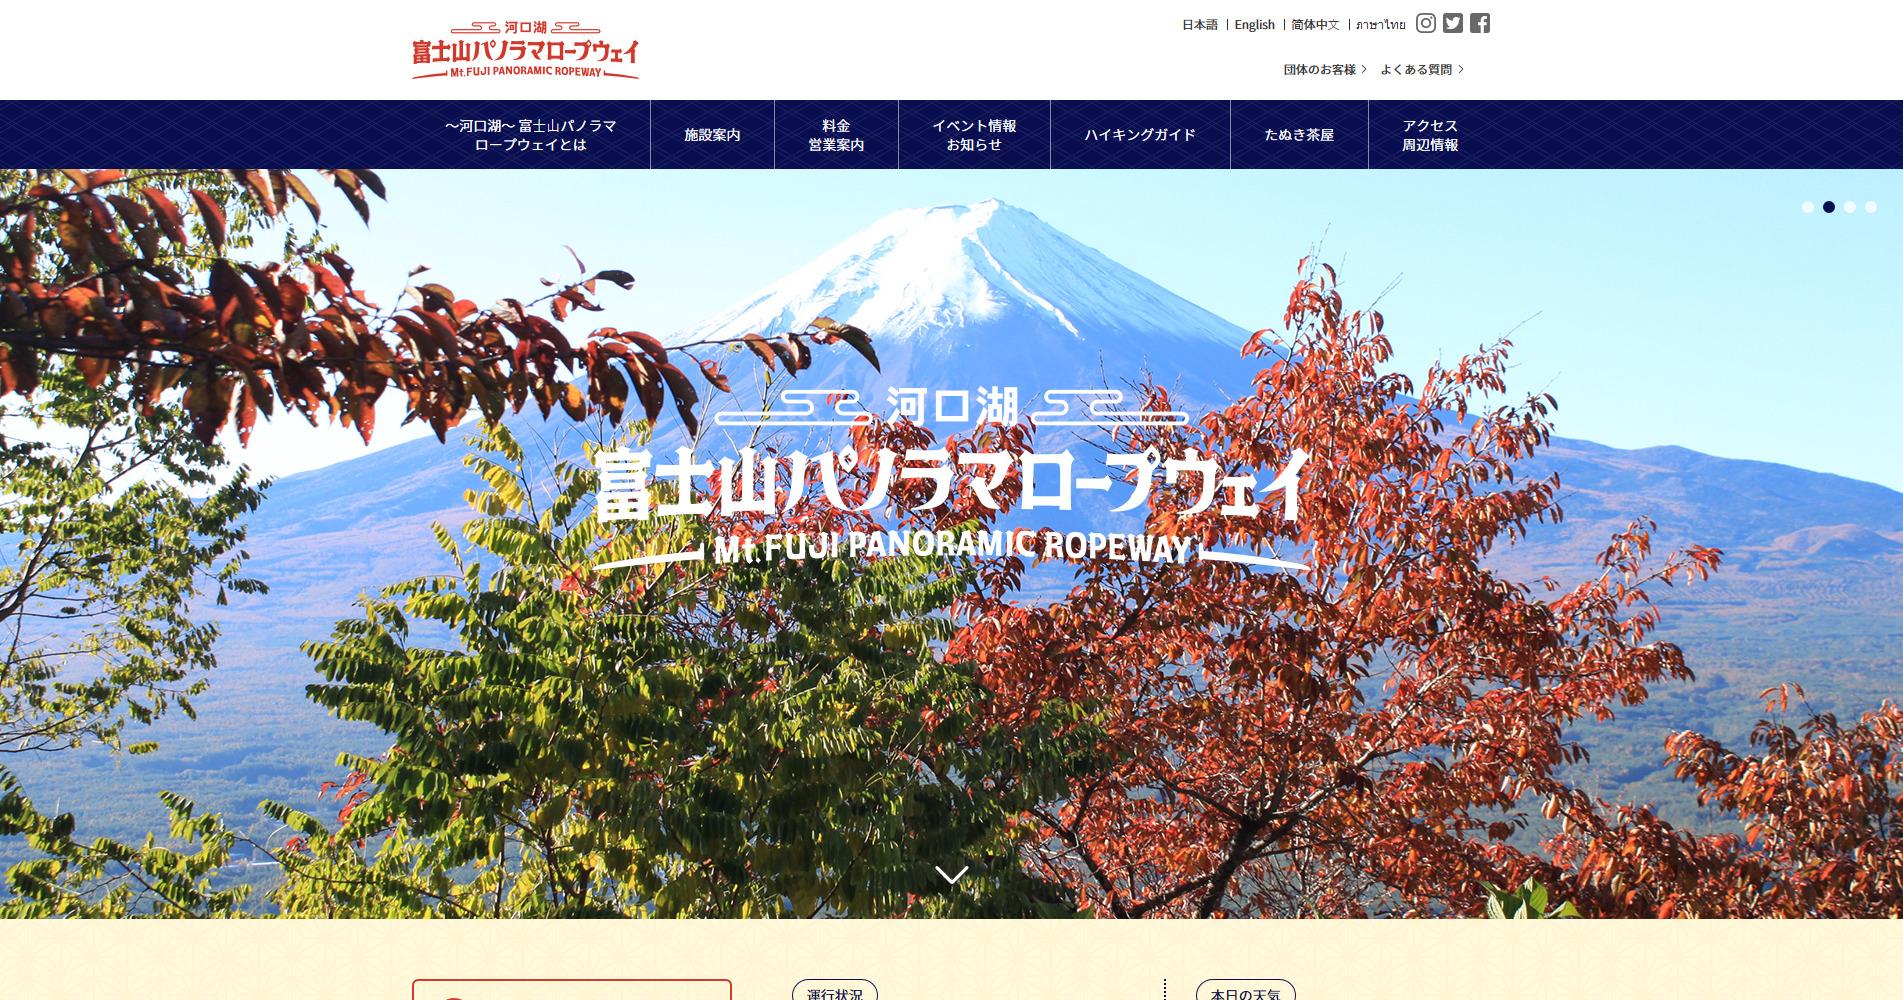 富士急行 ~河口湖~ 富士山パノラマロープウェイ